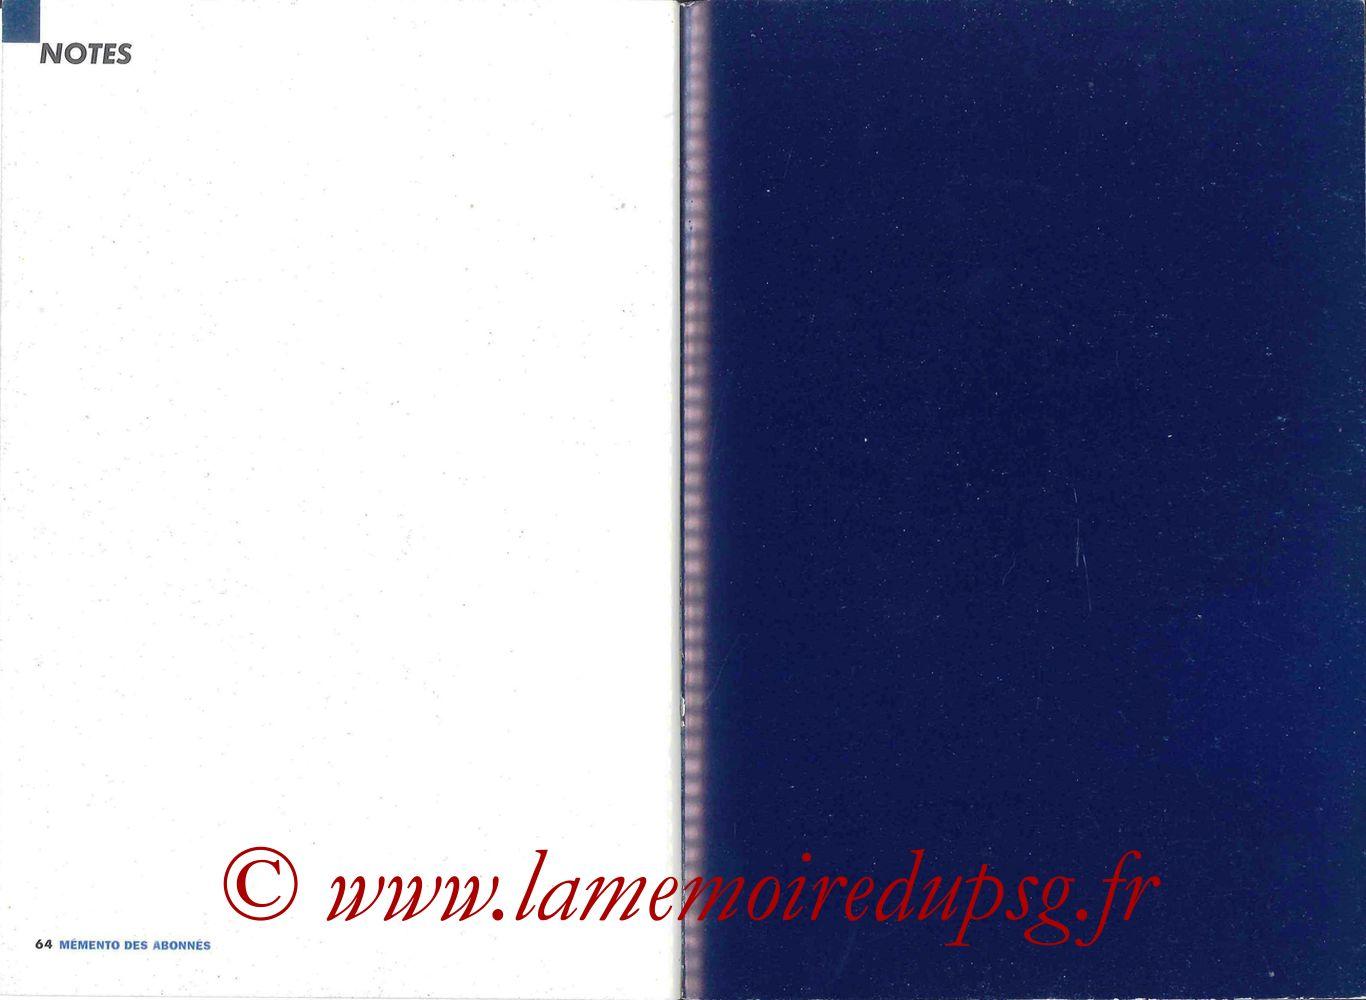 2000-01 - Guide de la Saison PSG - Pages 66 et 67